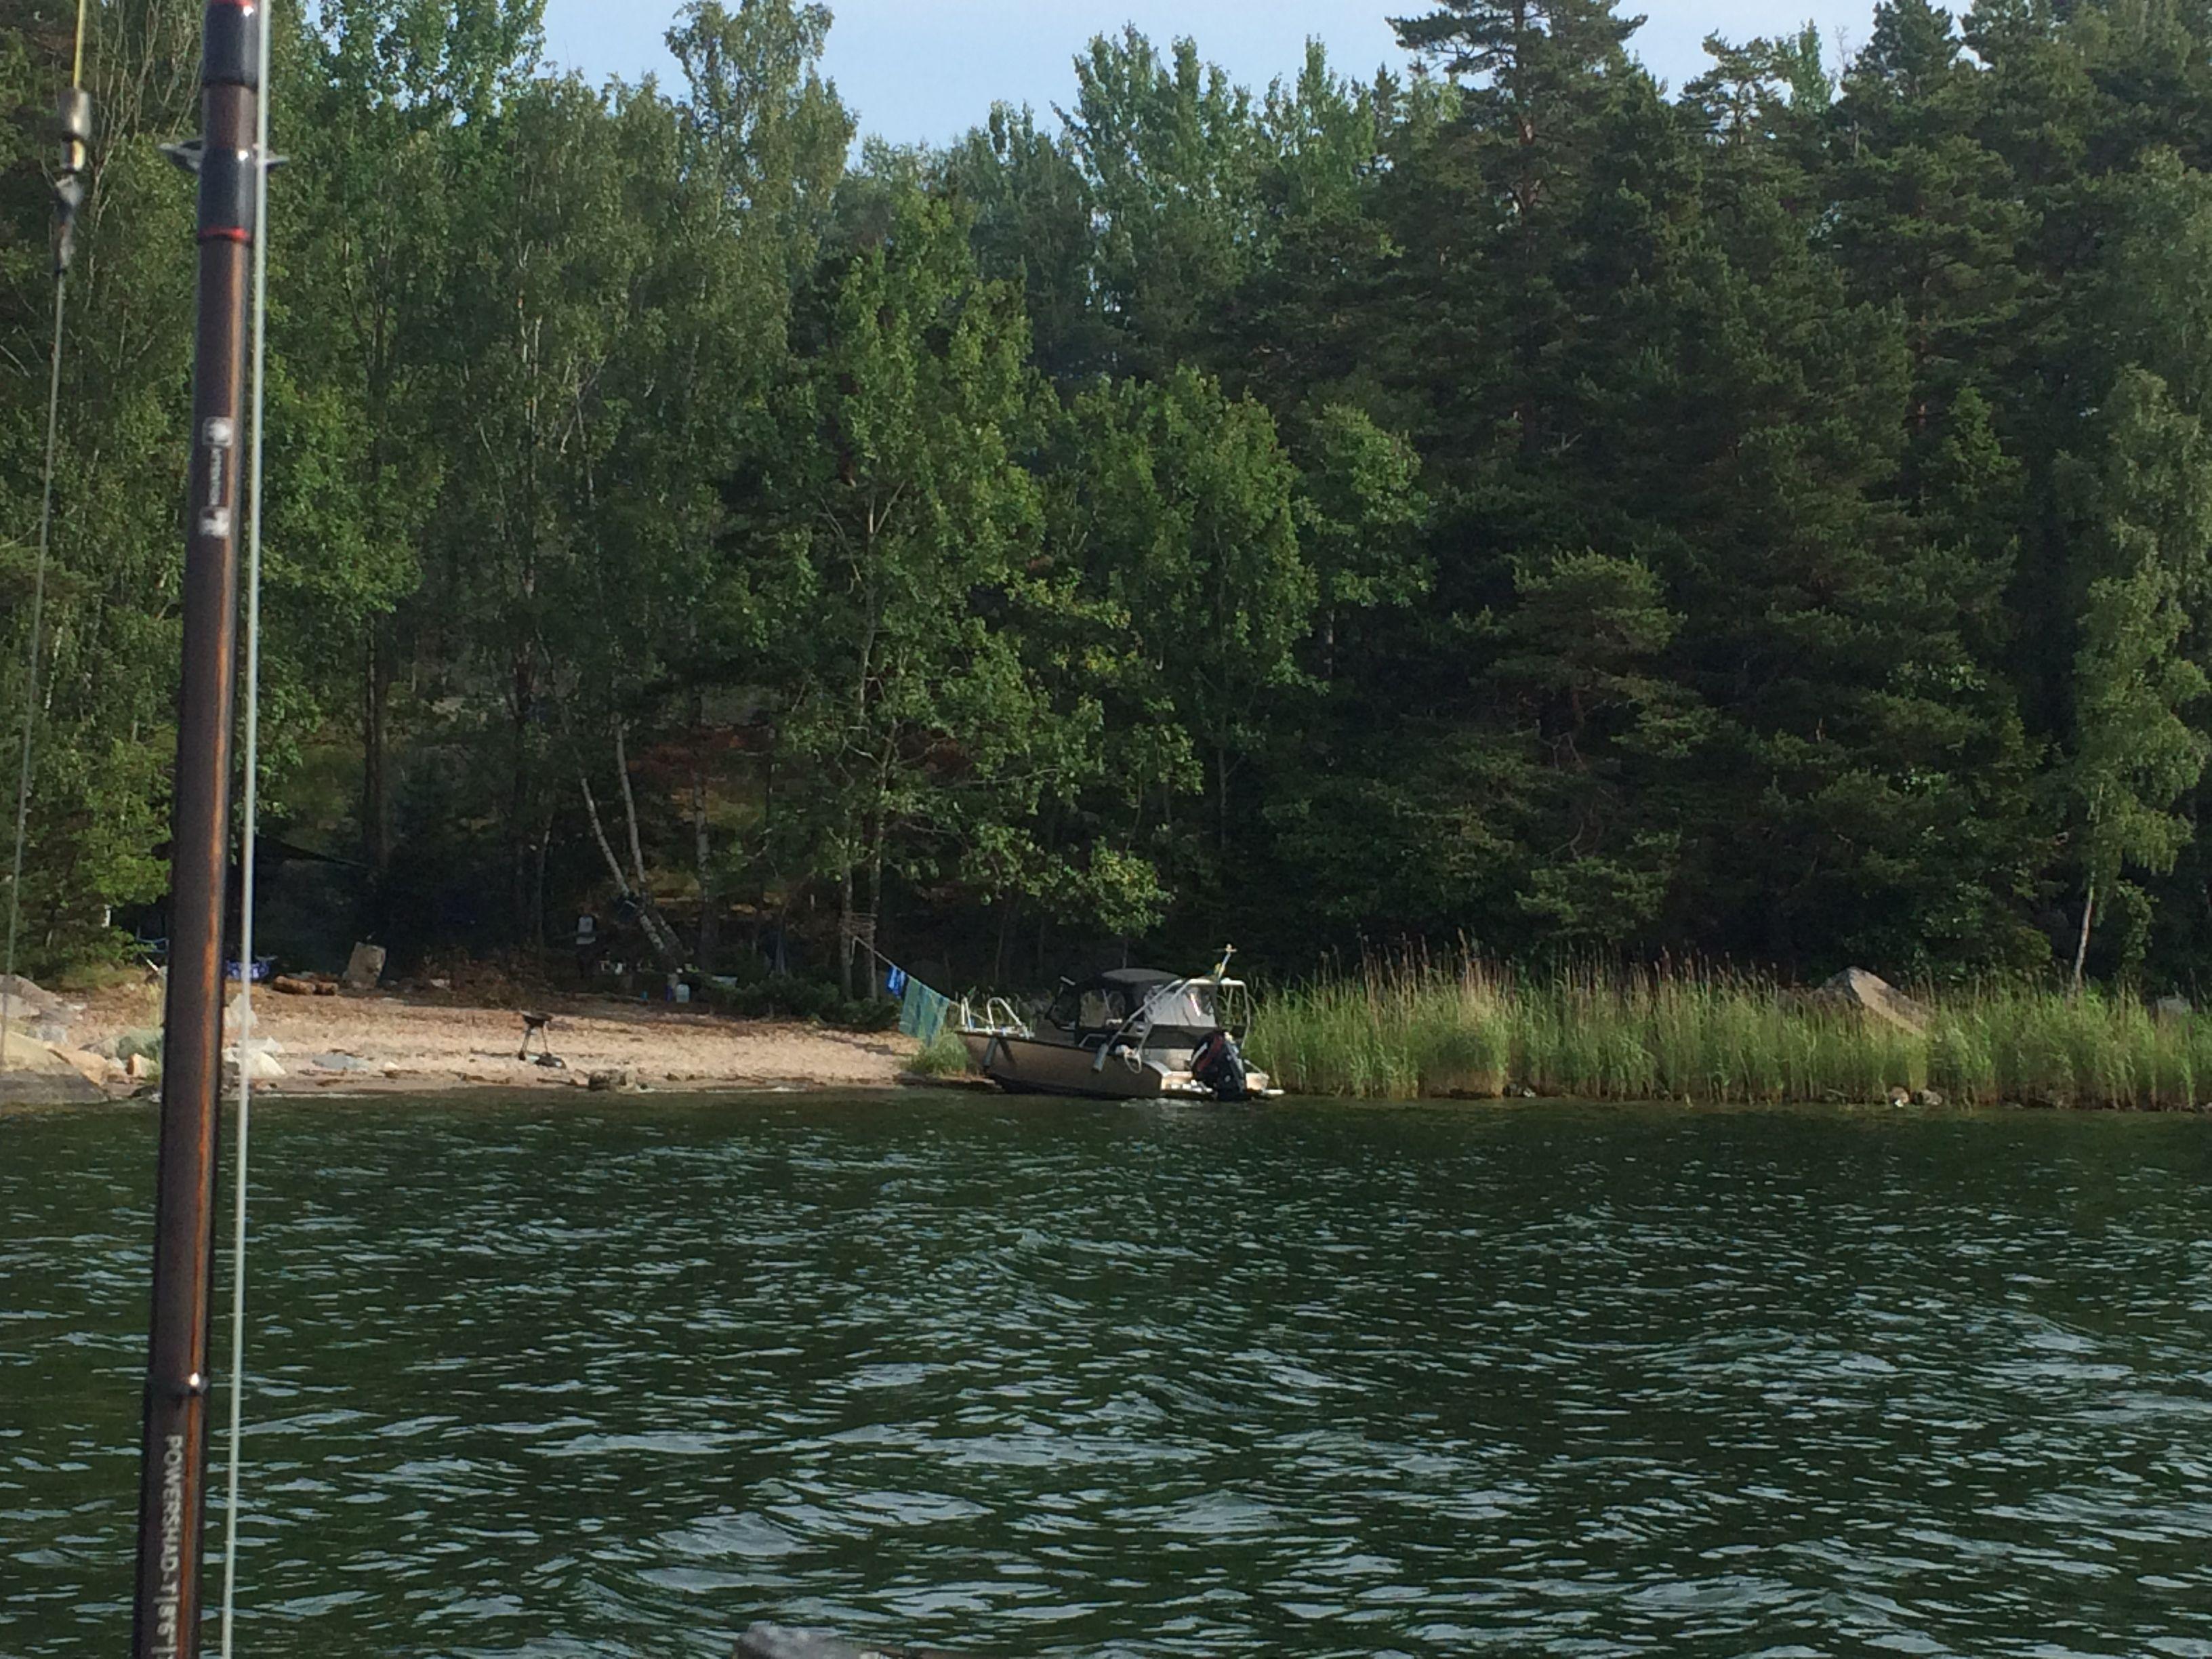 Camping Värmdö style - i en en alu-båt för ett antal 100-tusen - men de hade ett fått med ett schysst klädstreck också...